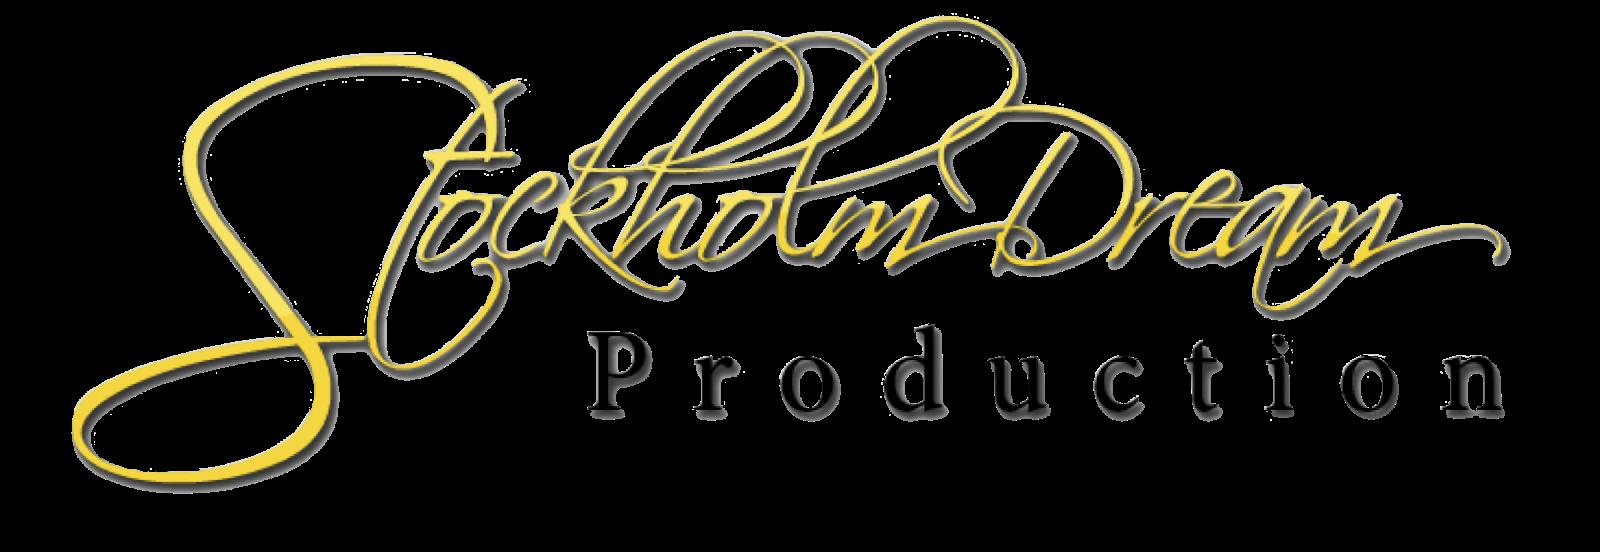 Spolupracujeme s produkcí